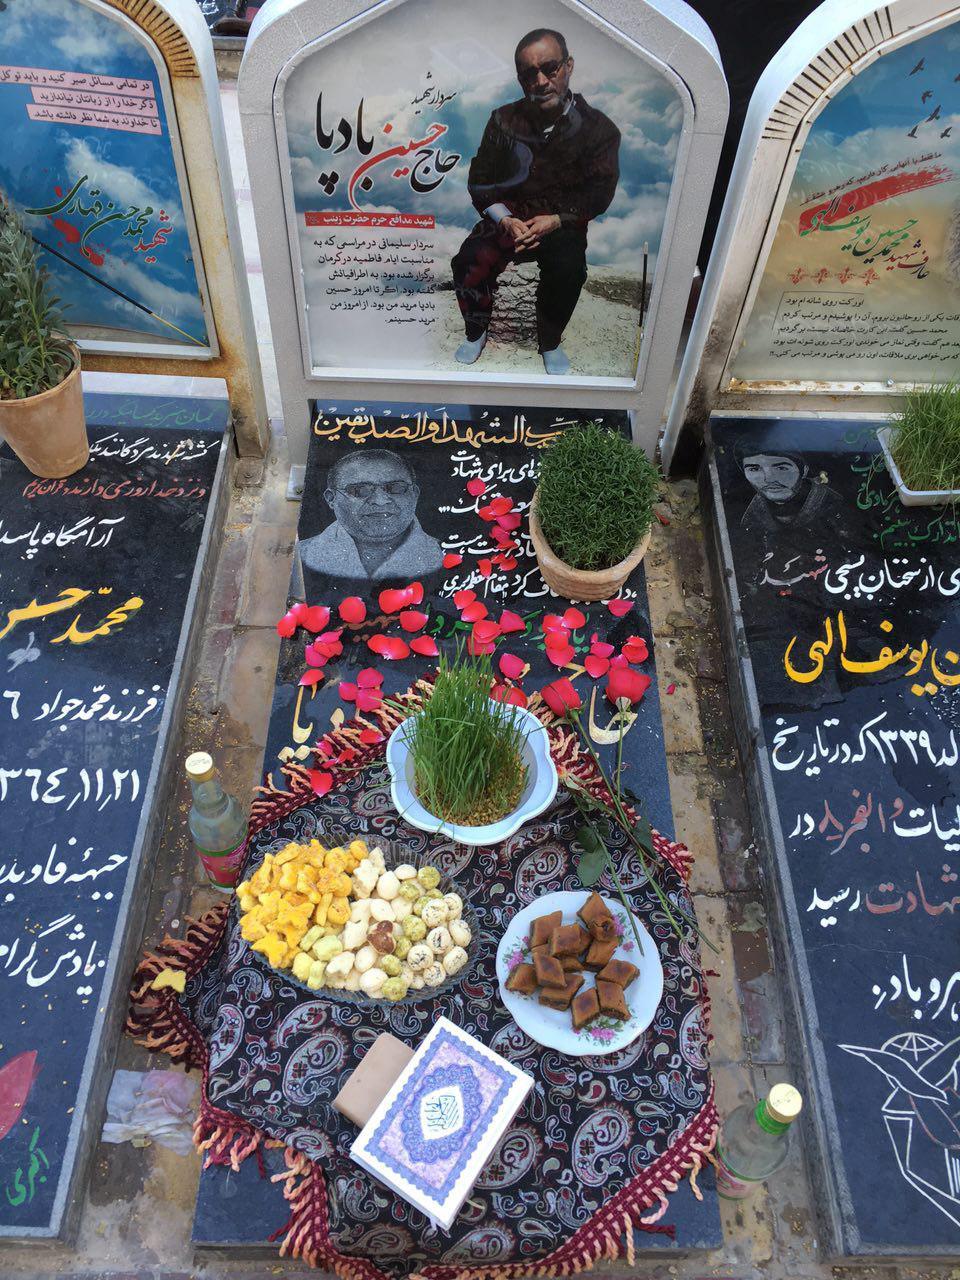 هفت سین نوروز ۹۵ در کنار یادمان شهید مدافع حرم / عکس